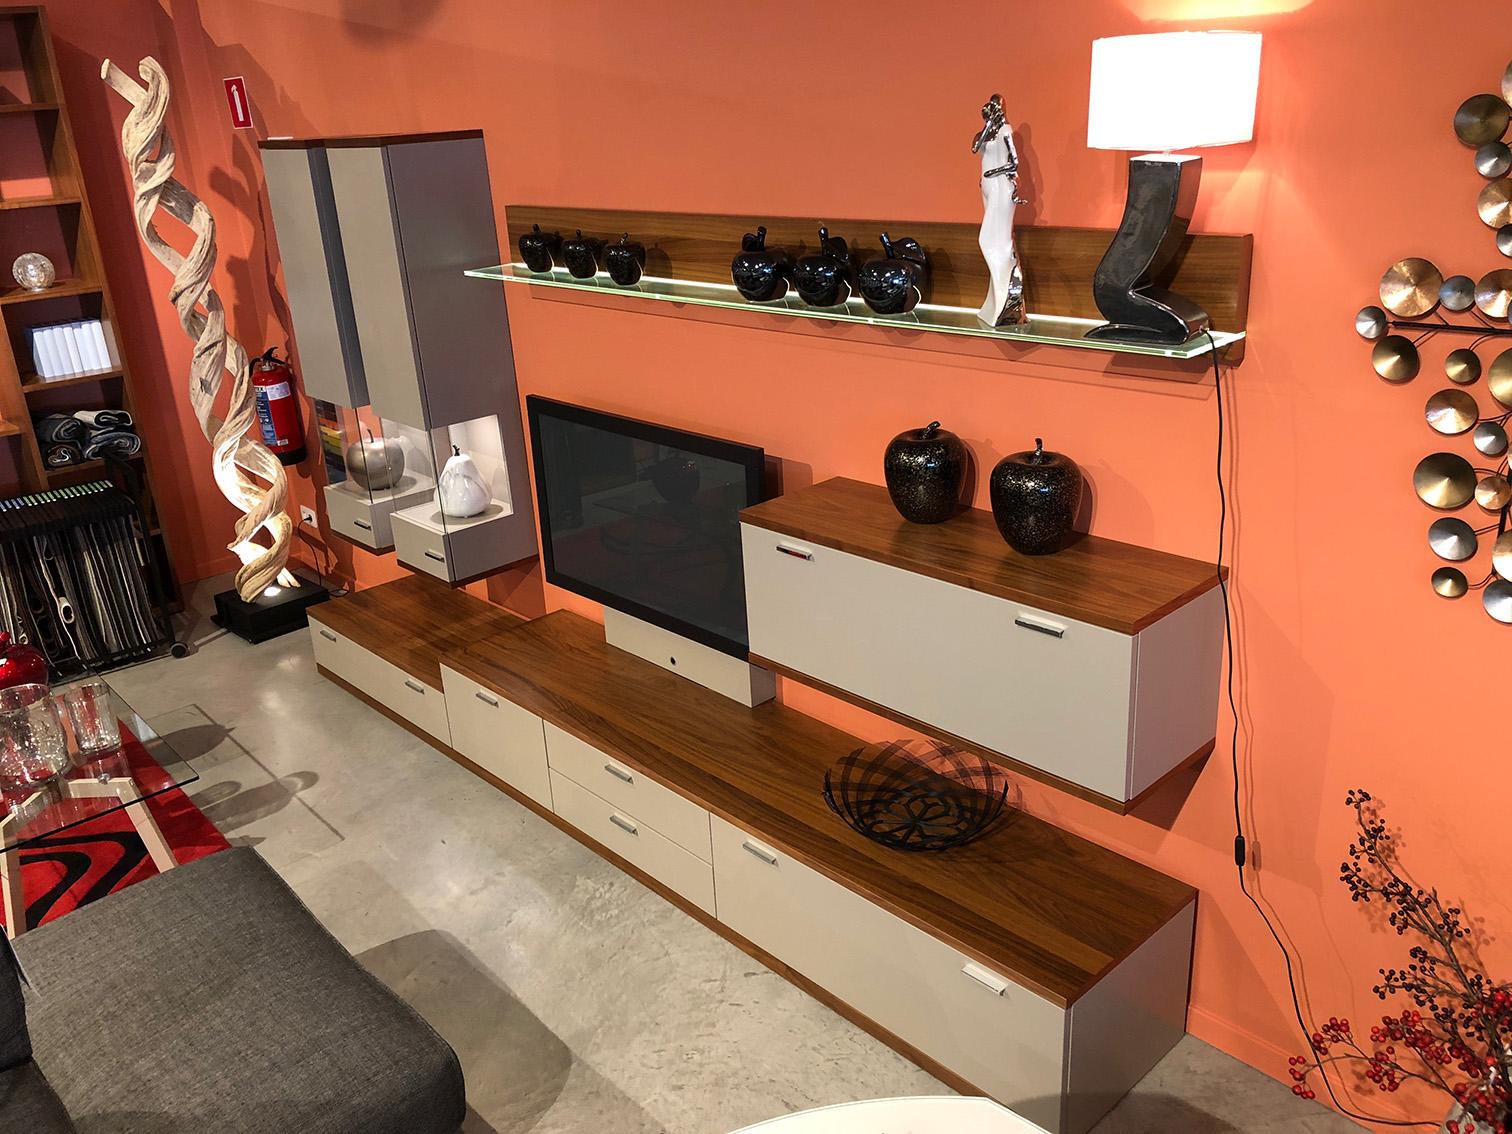 meubles tendances affordable les tendances dco de with meubles tendances meuble sur base combi. Black Bedroom Furniture Sets. Home Design Ideas